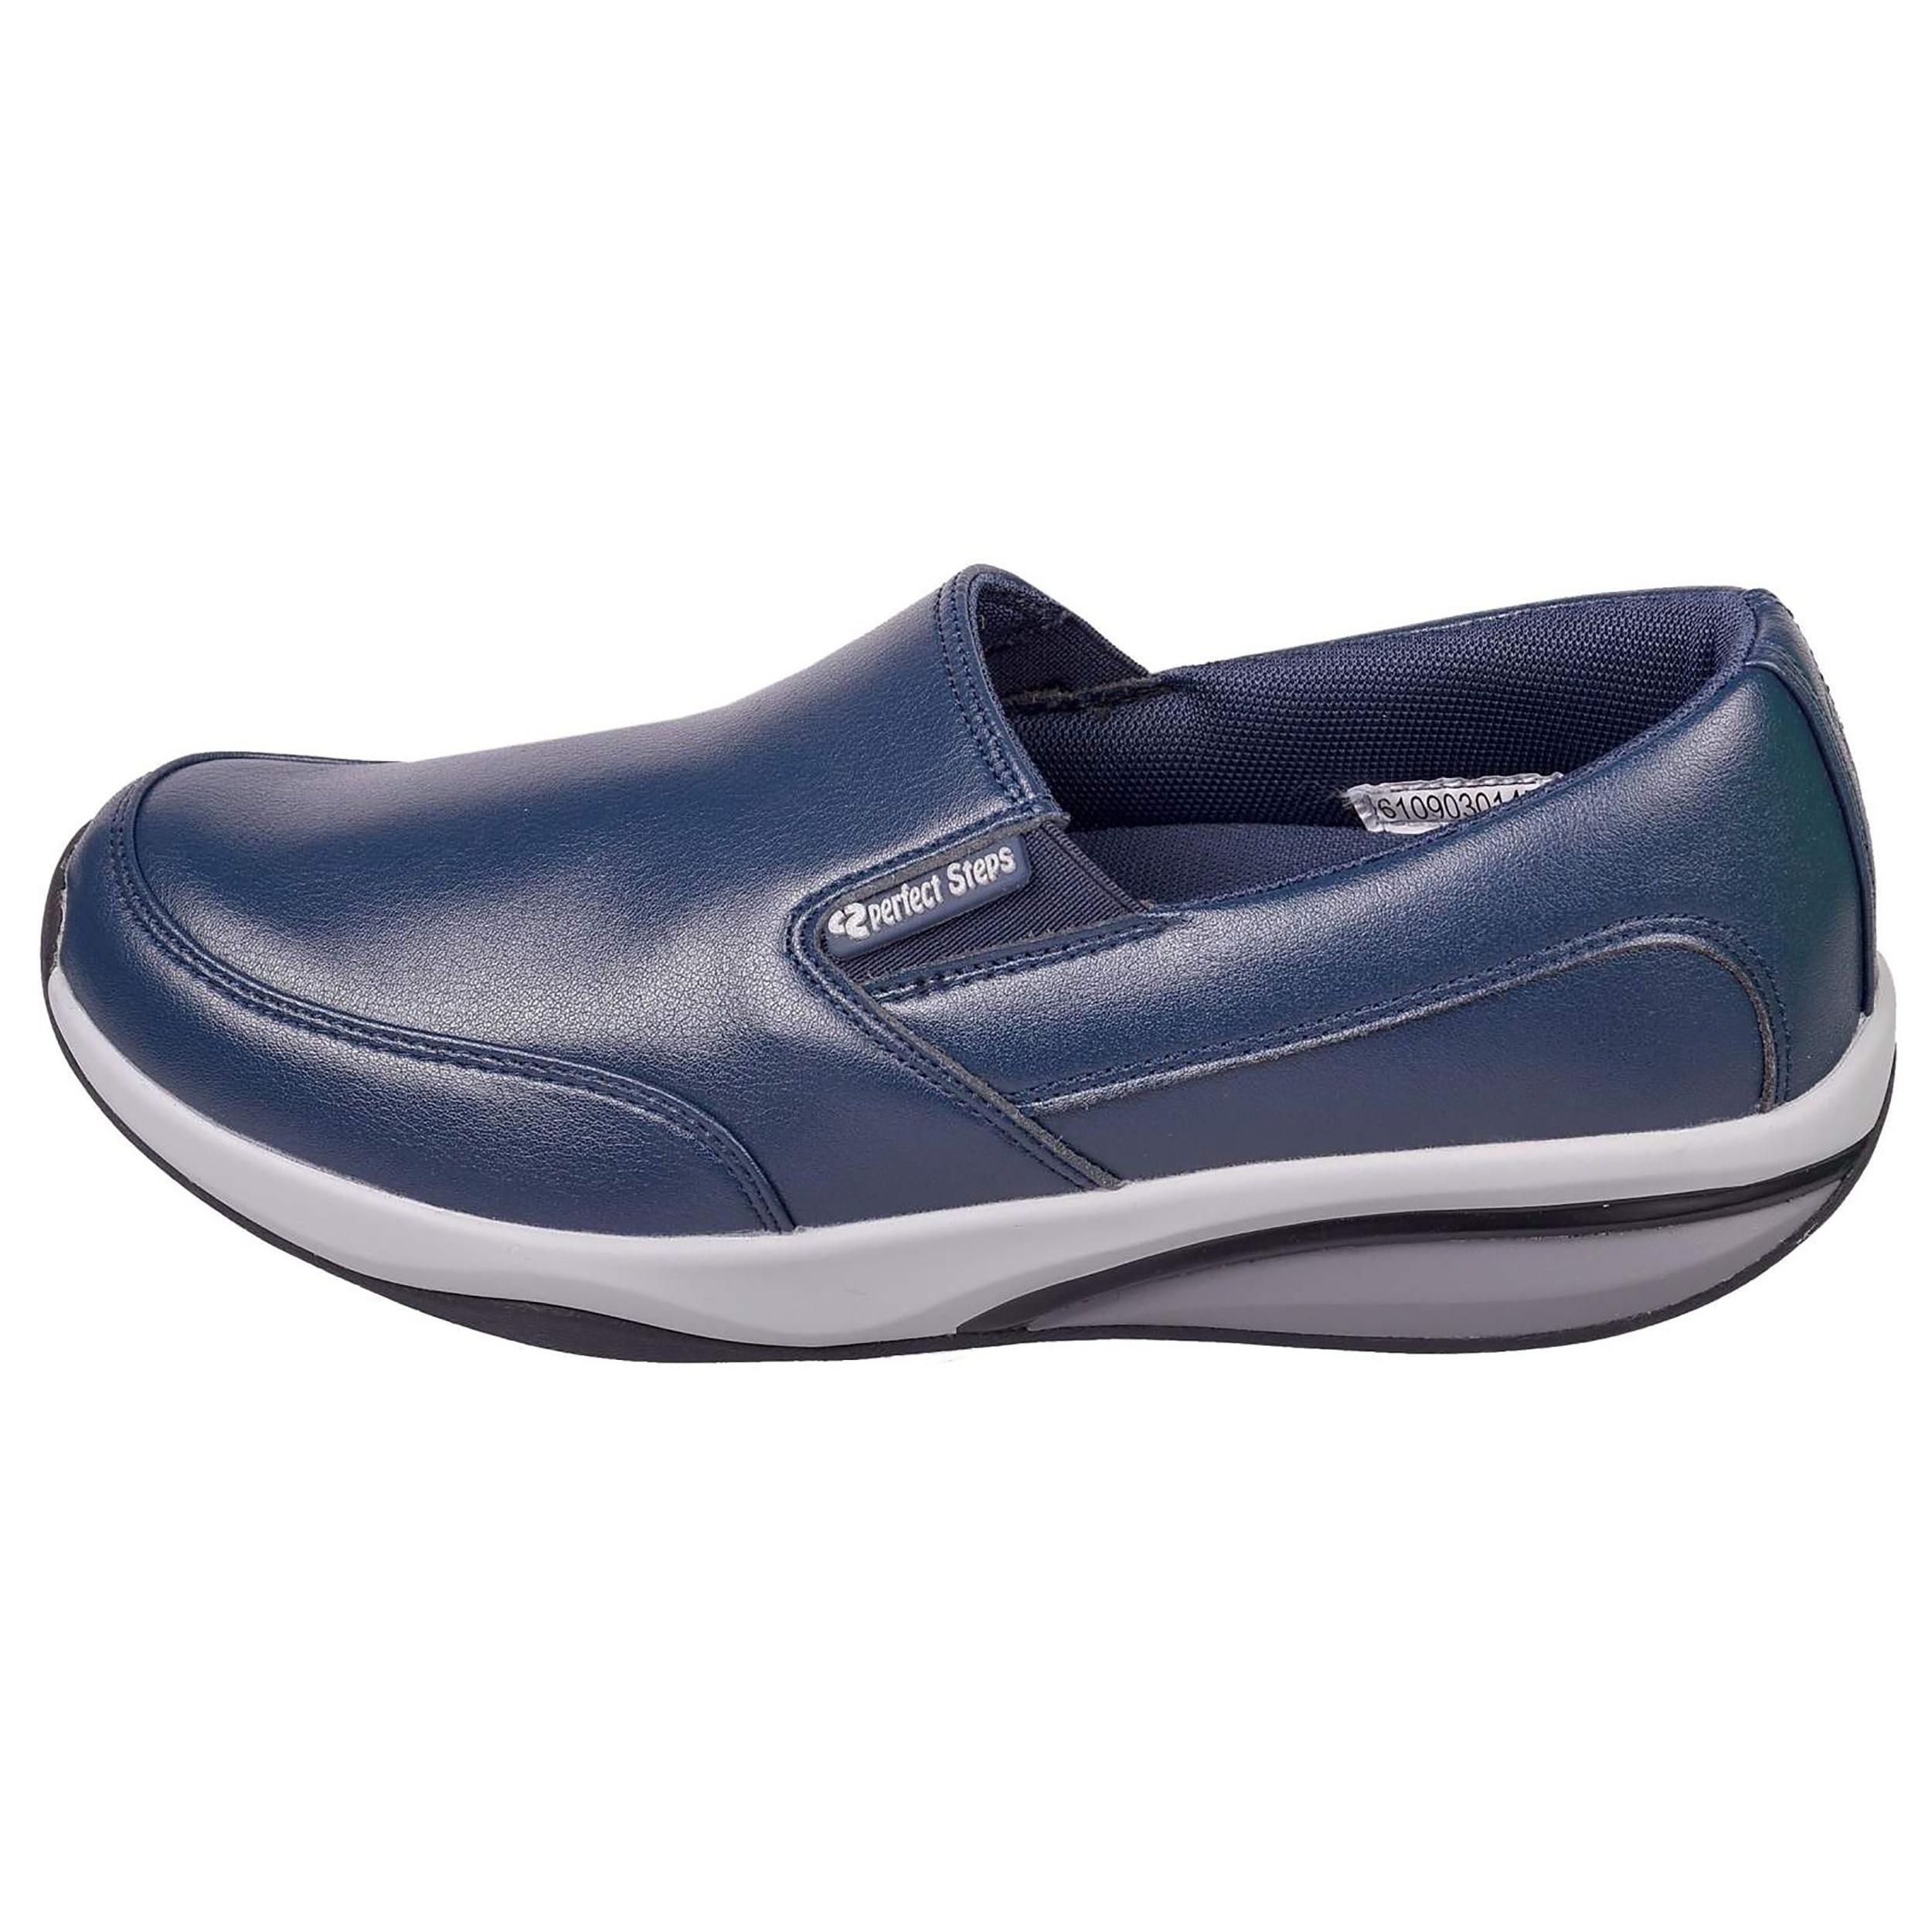 کفش مخصوص پیاده روی زنانه پرفکت استپس مدل پریمو کژوال رنگ سرمه ای main 1 1